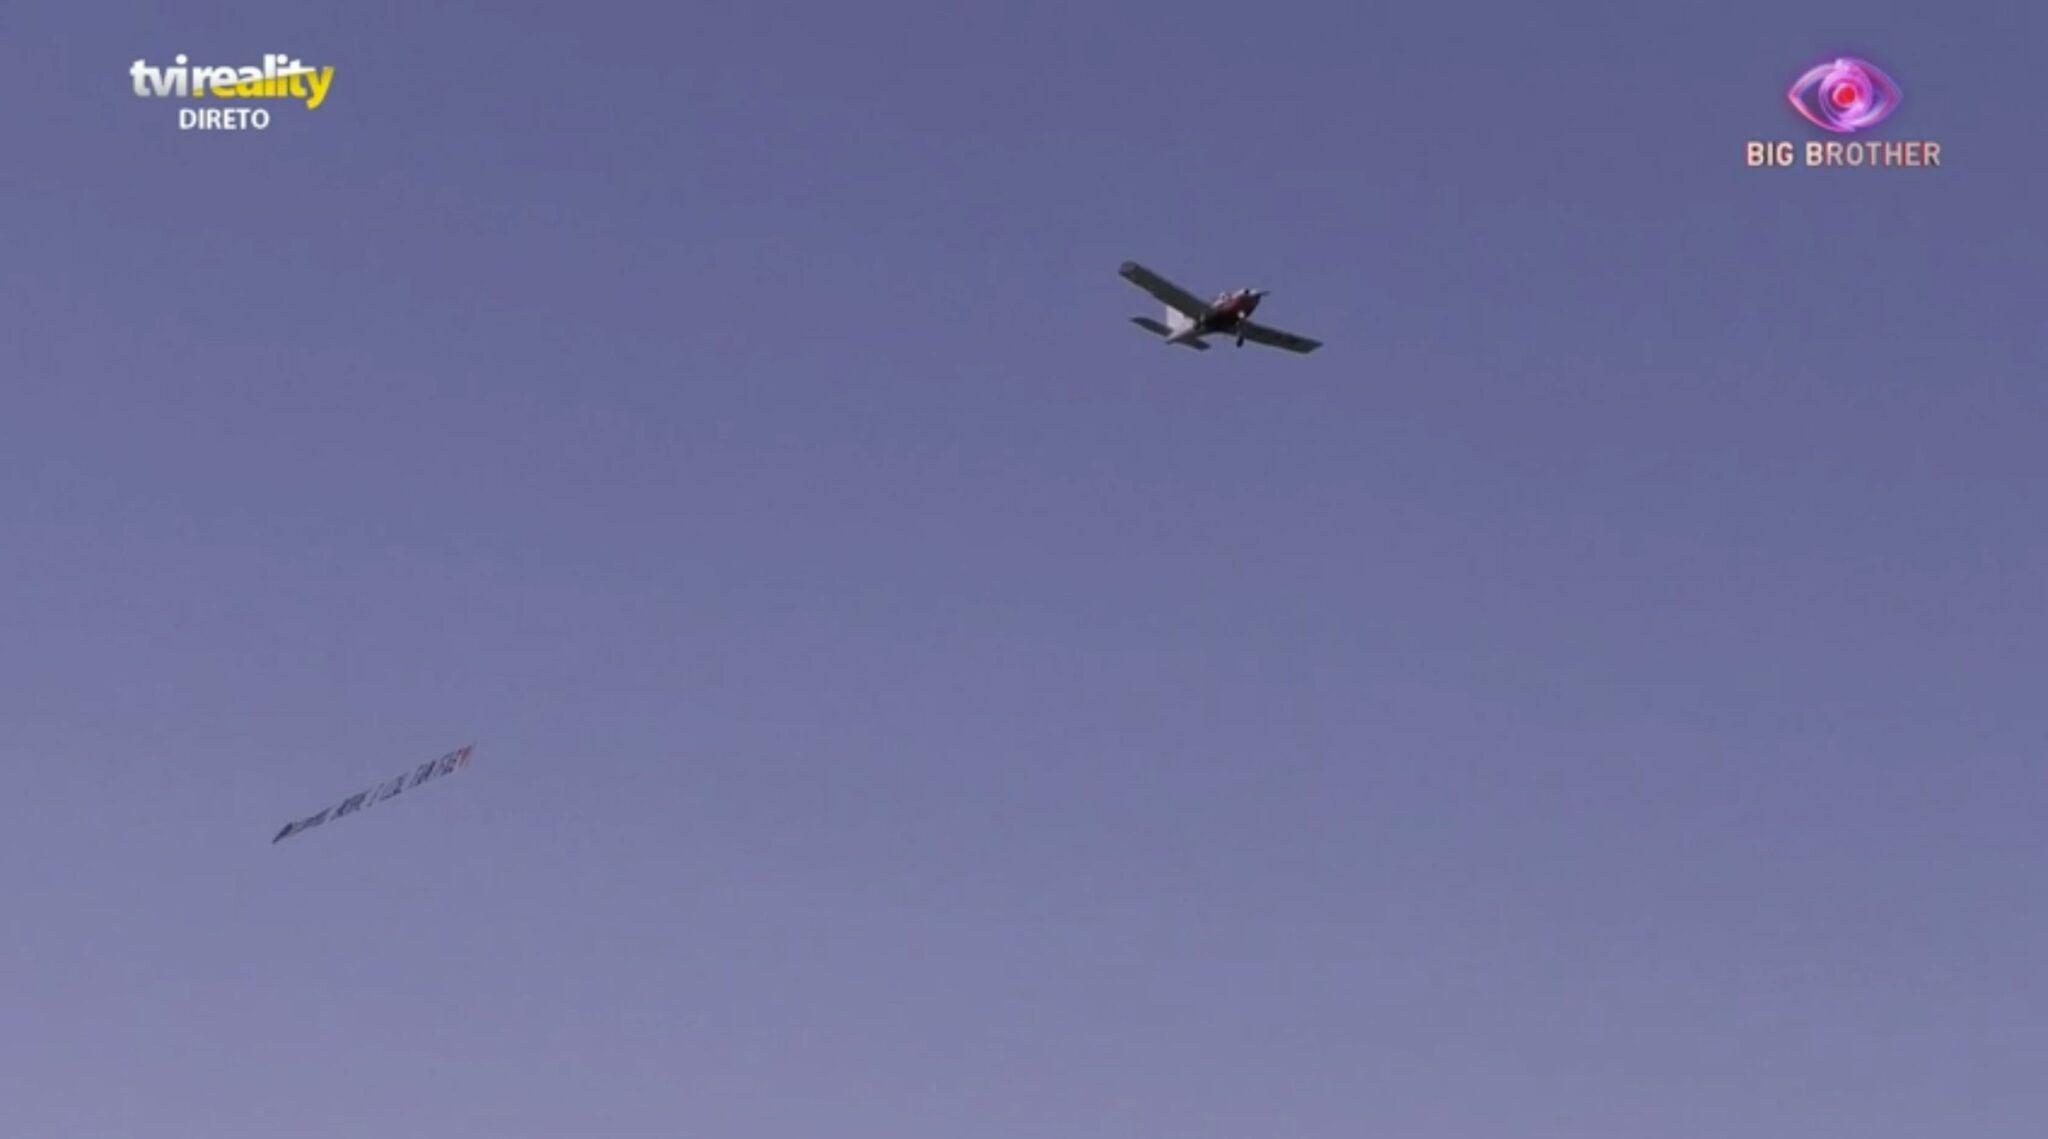 Big Brother Mensagem Aviao 3 Scaled Big Brother: Concorrentes Recebem Os Primeiros Aviões No Bb2020